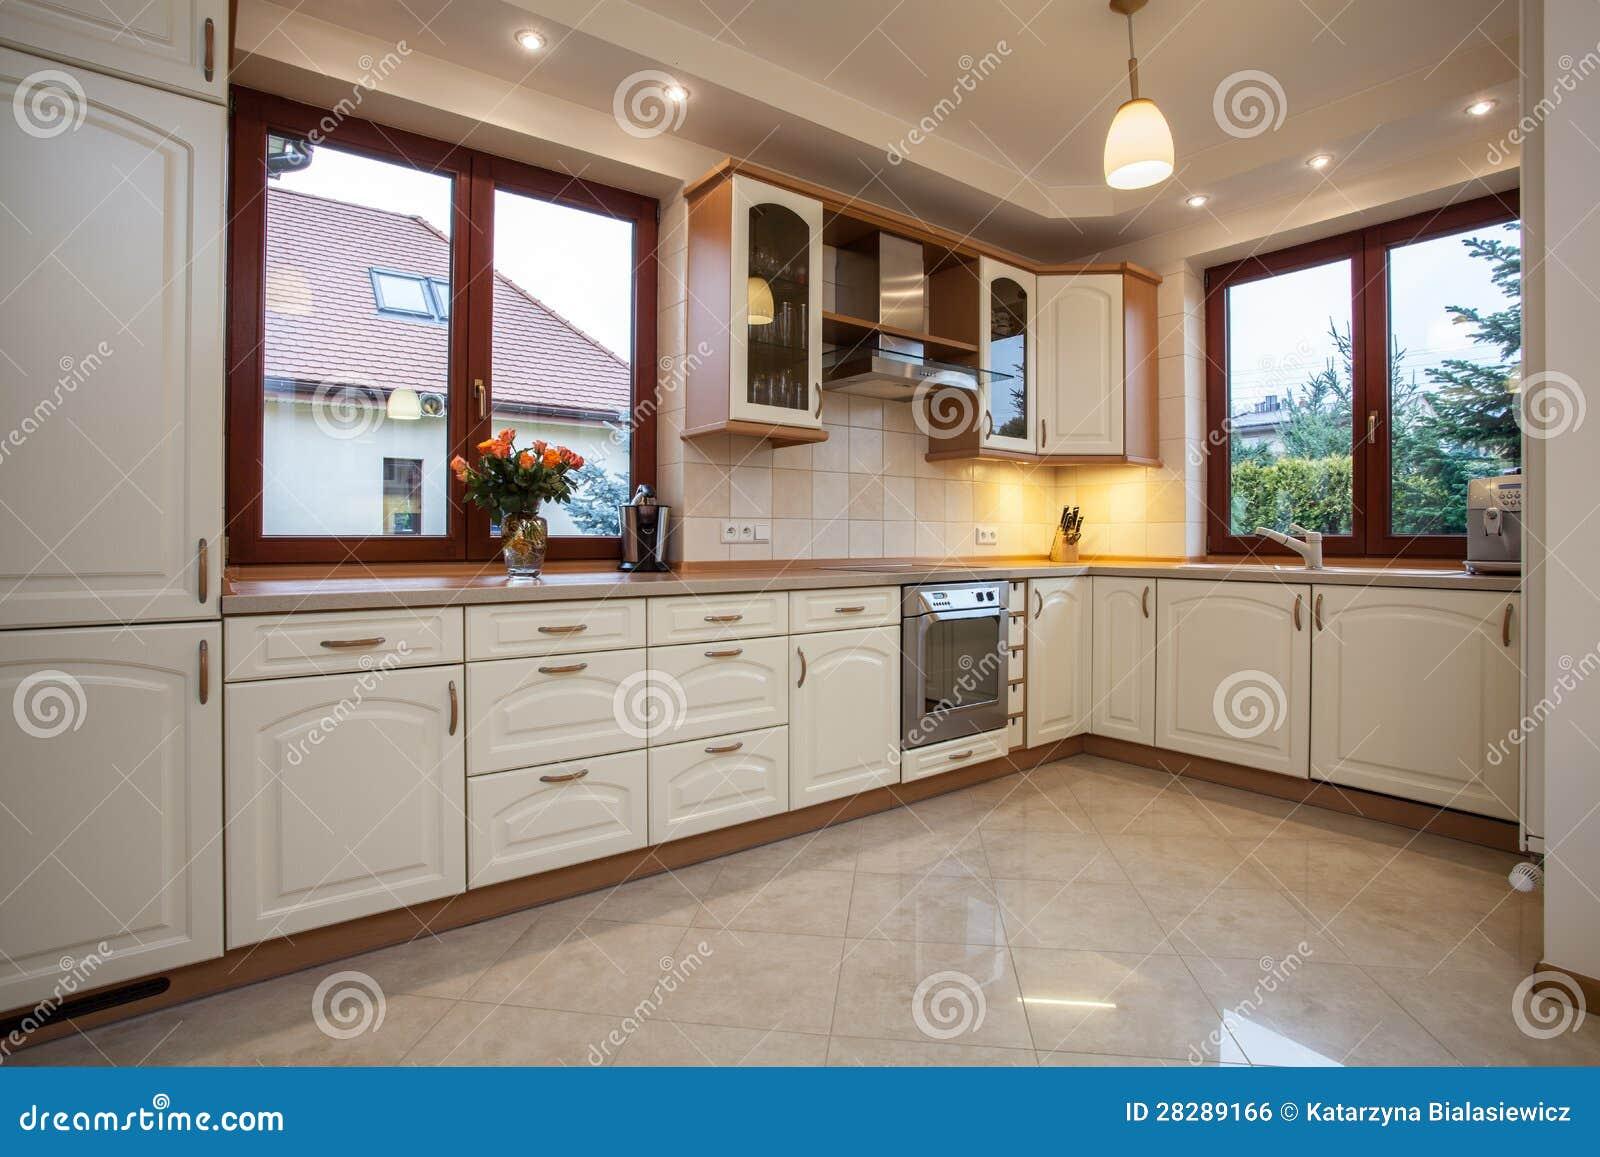 Cuisine beige image libre de droits image 28289166 - Coefficient bac pro cuisine ...